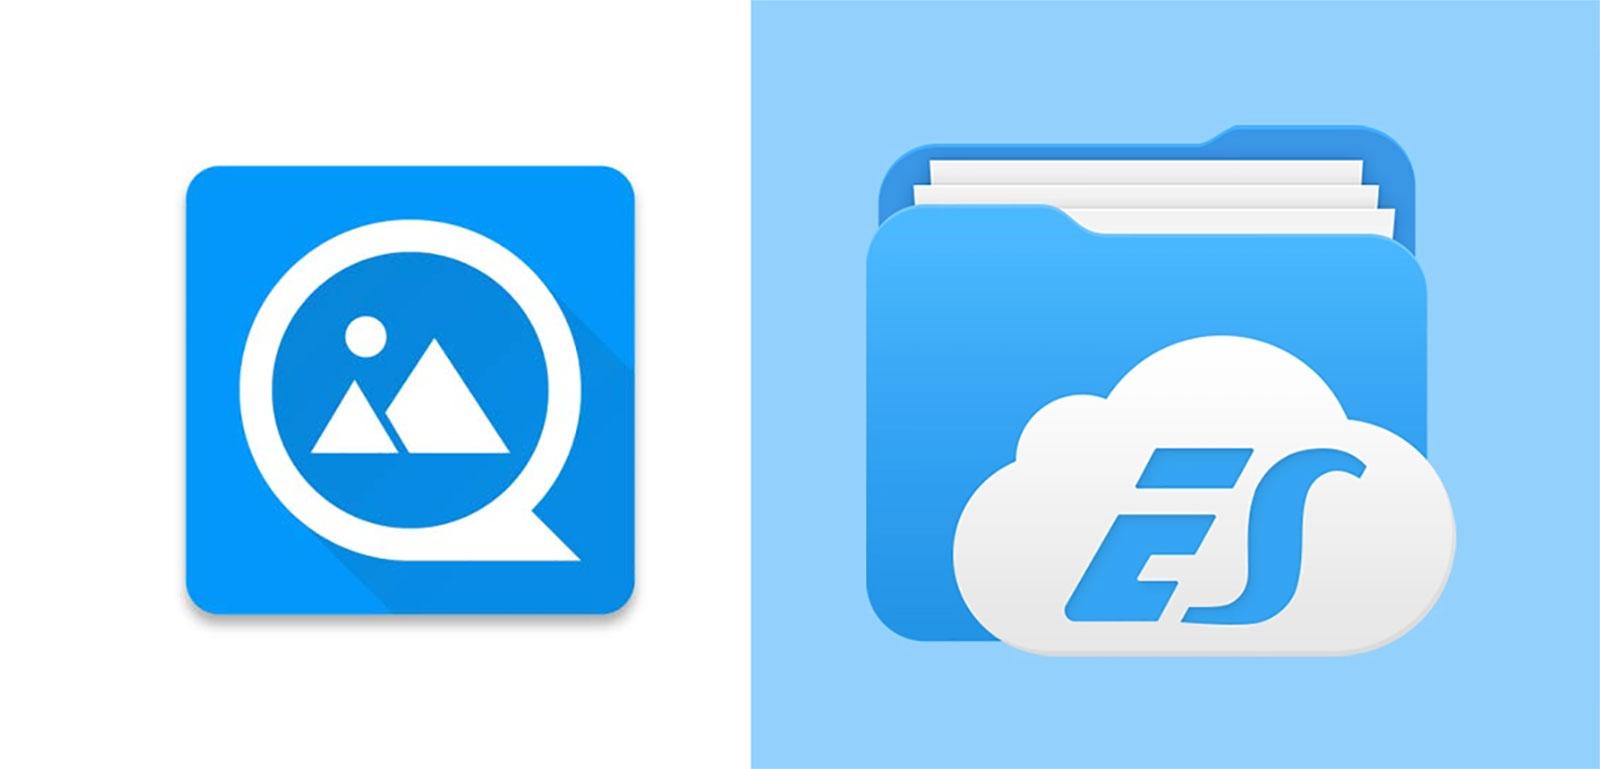 EZ File Explorer Pro Apk